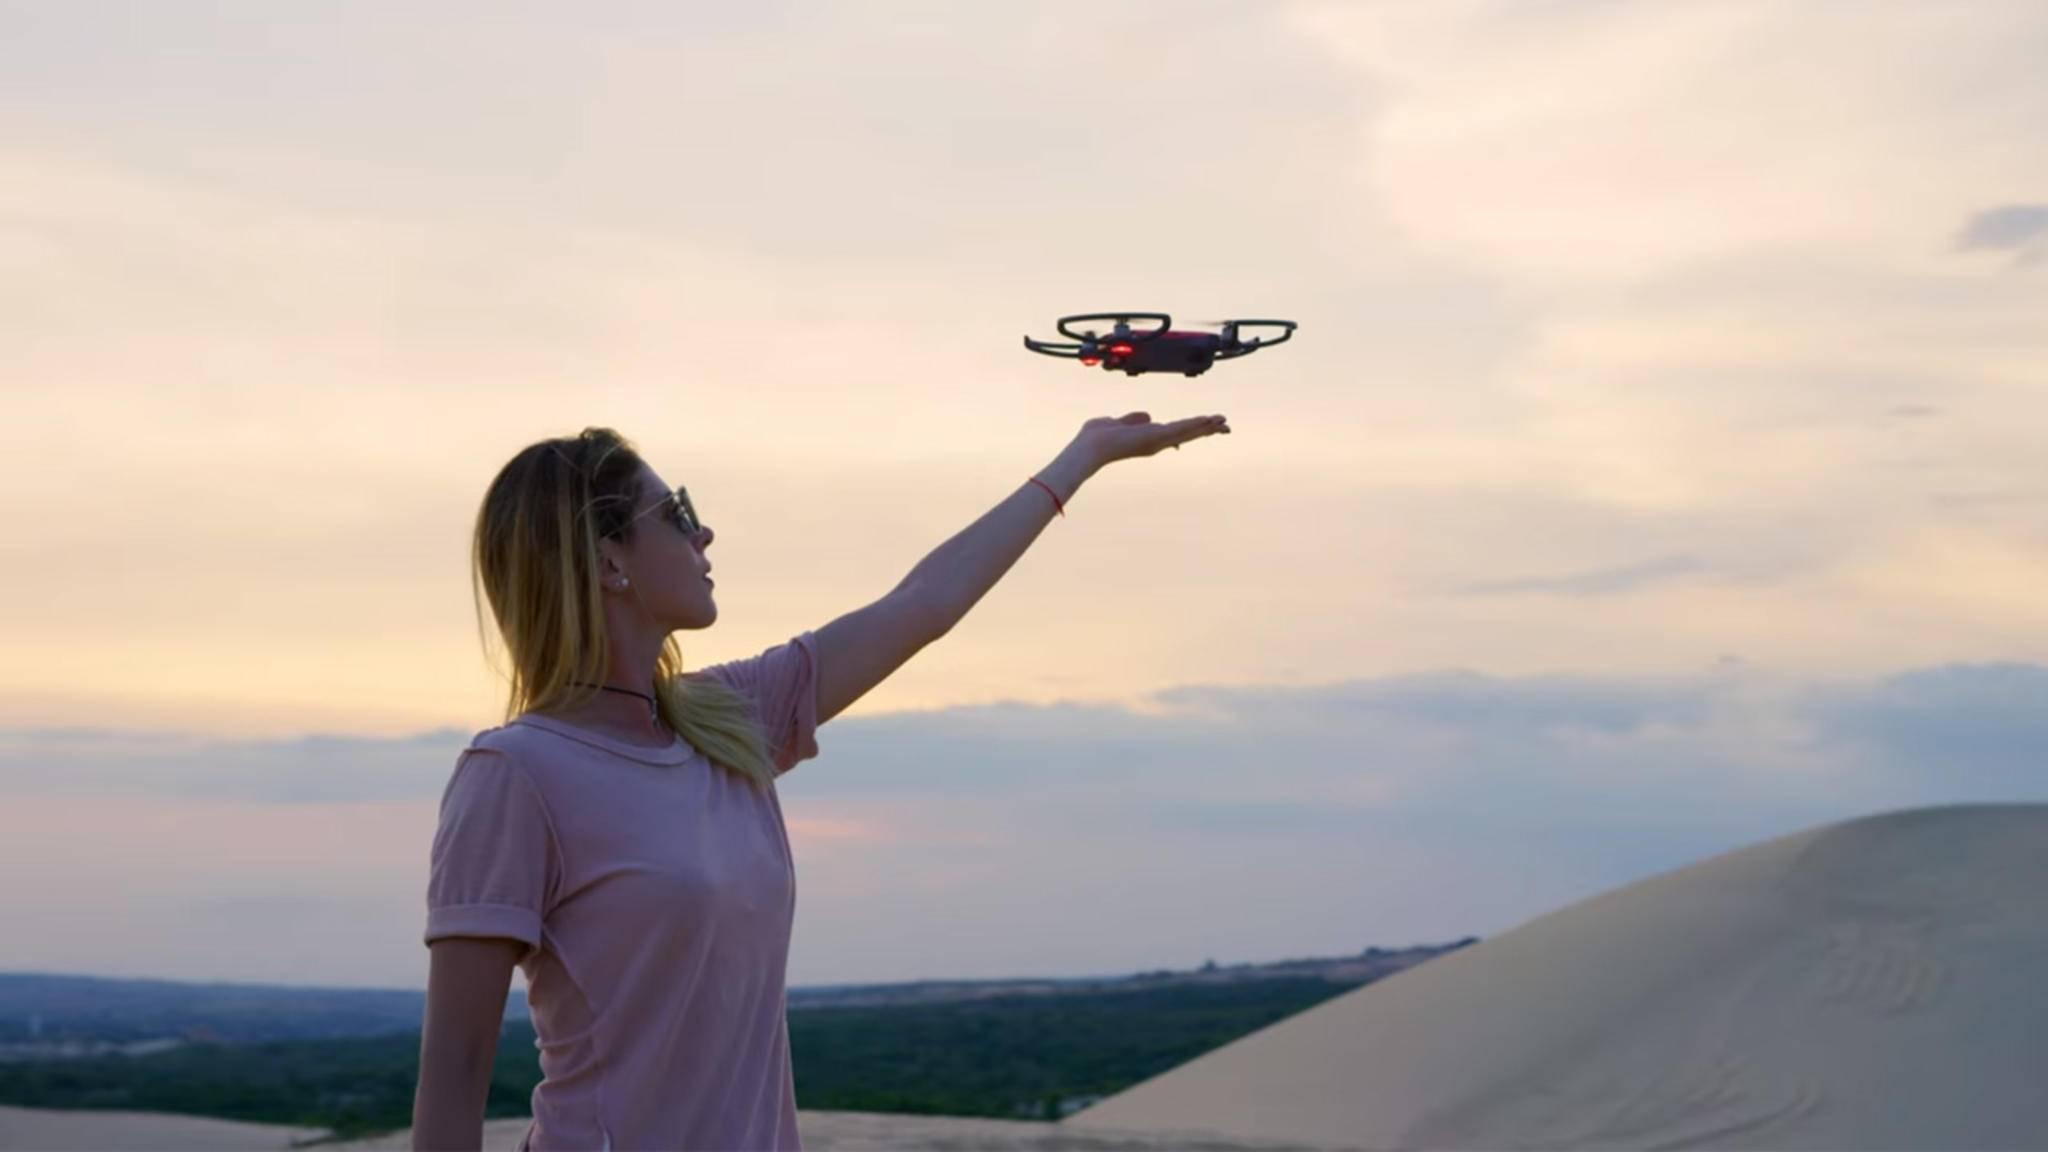 Drohnen werden immer reisetauglicher. Aber an manche Orte brauchst Du sie gar nicht erst mitnehmen.